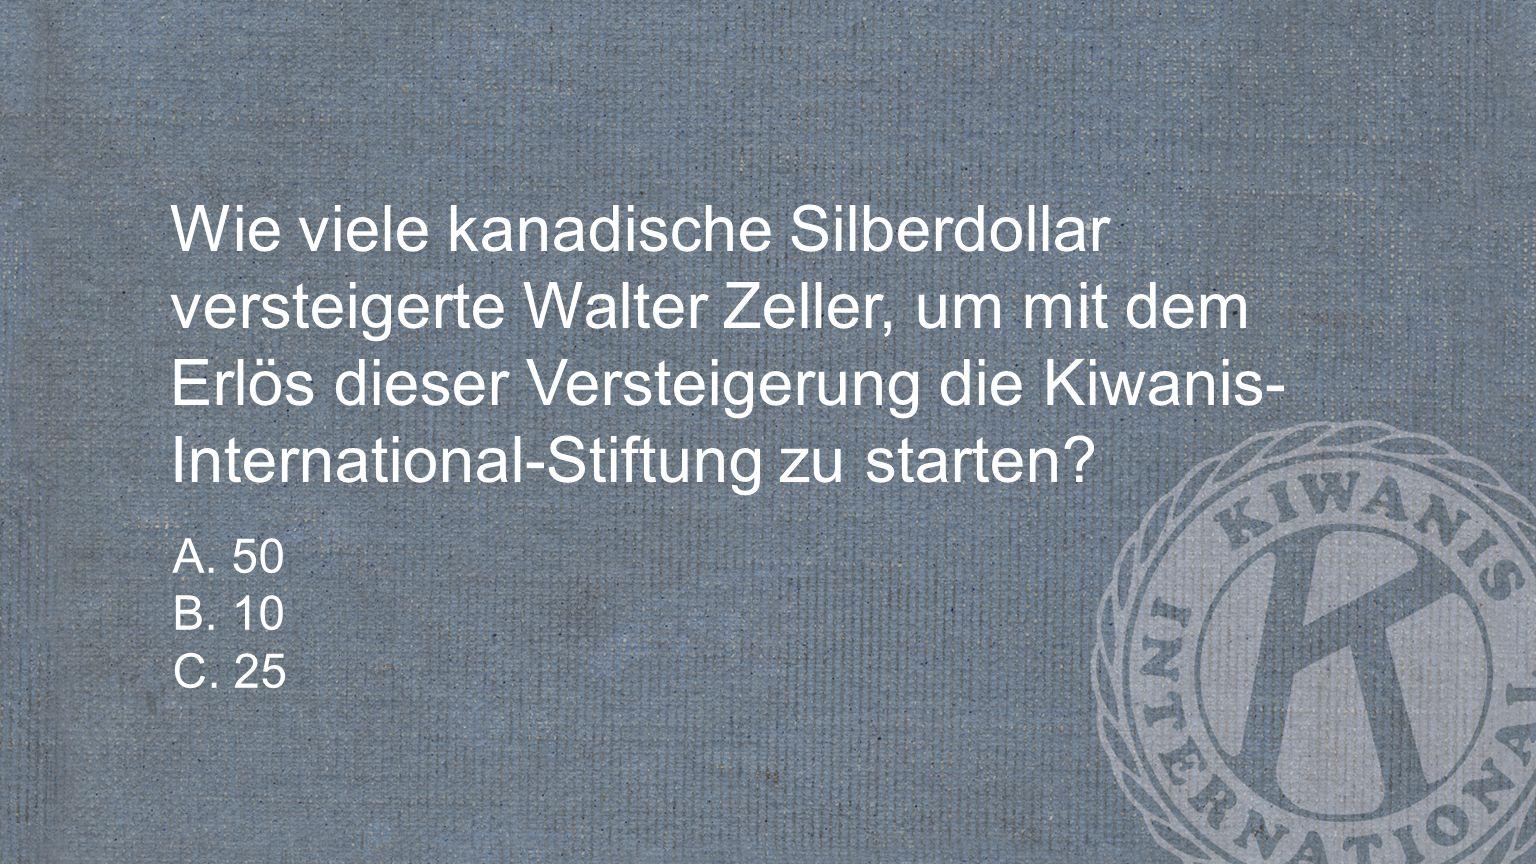 Wie viele kanadische Silberdollar versteigerte Walter Zeller, um mit dem Erlös dieser Versteigerung die Kiwanis- International-Stiftung zu starten.